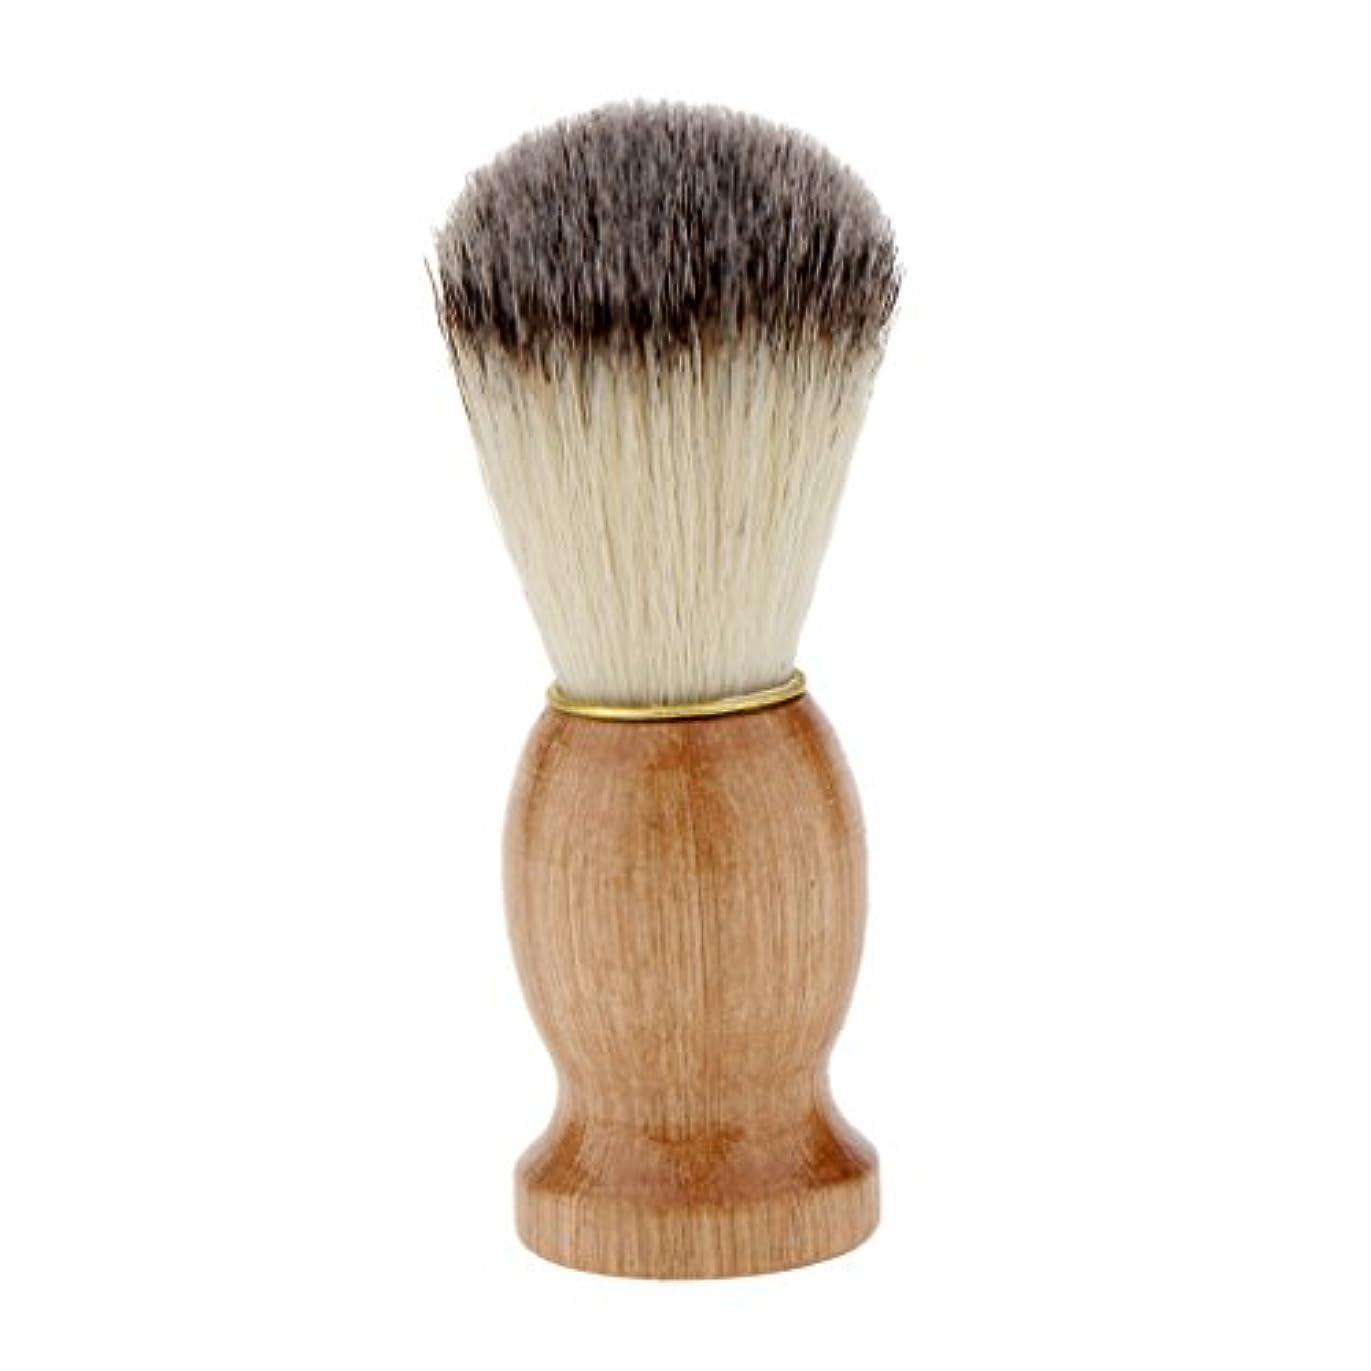 セッティング確かな広範囲男性ギフト剃毛シェービングブラシプロ理髪店サロン剛毛ブラシウッドハンドルダストクリーニングツール